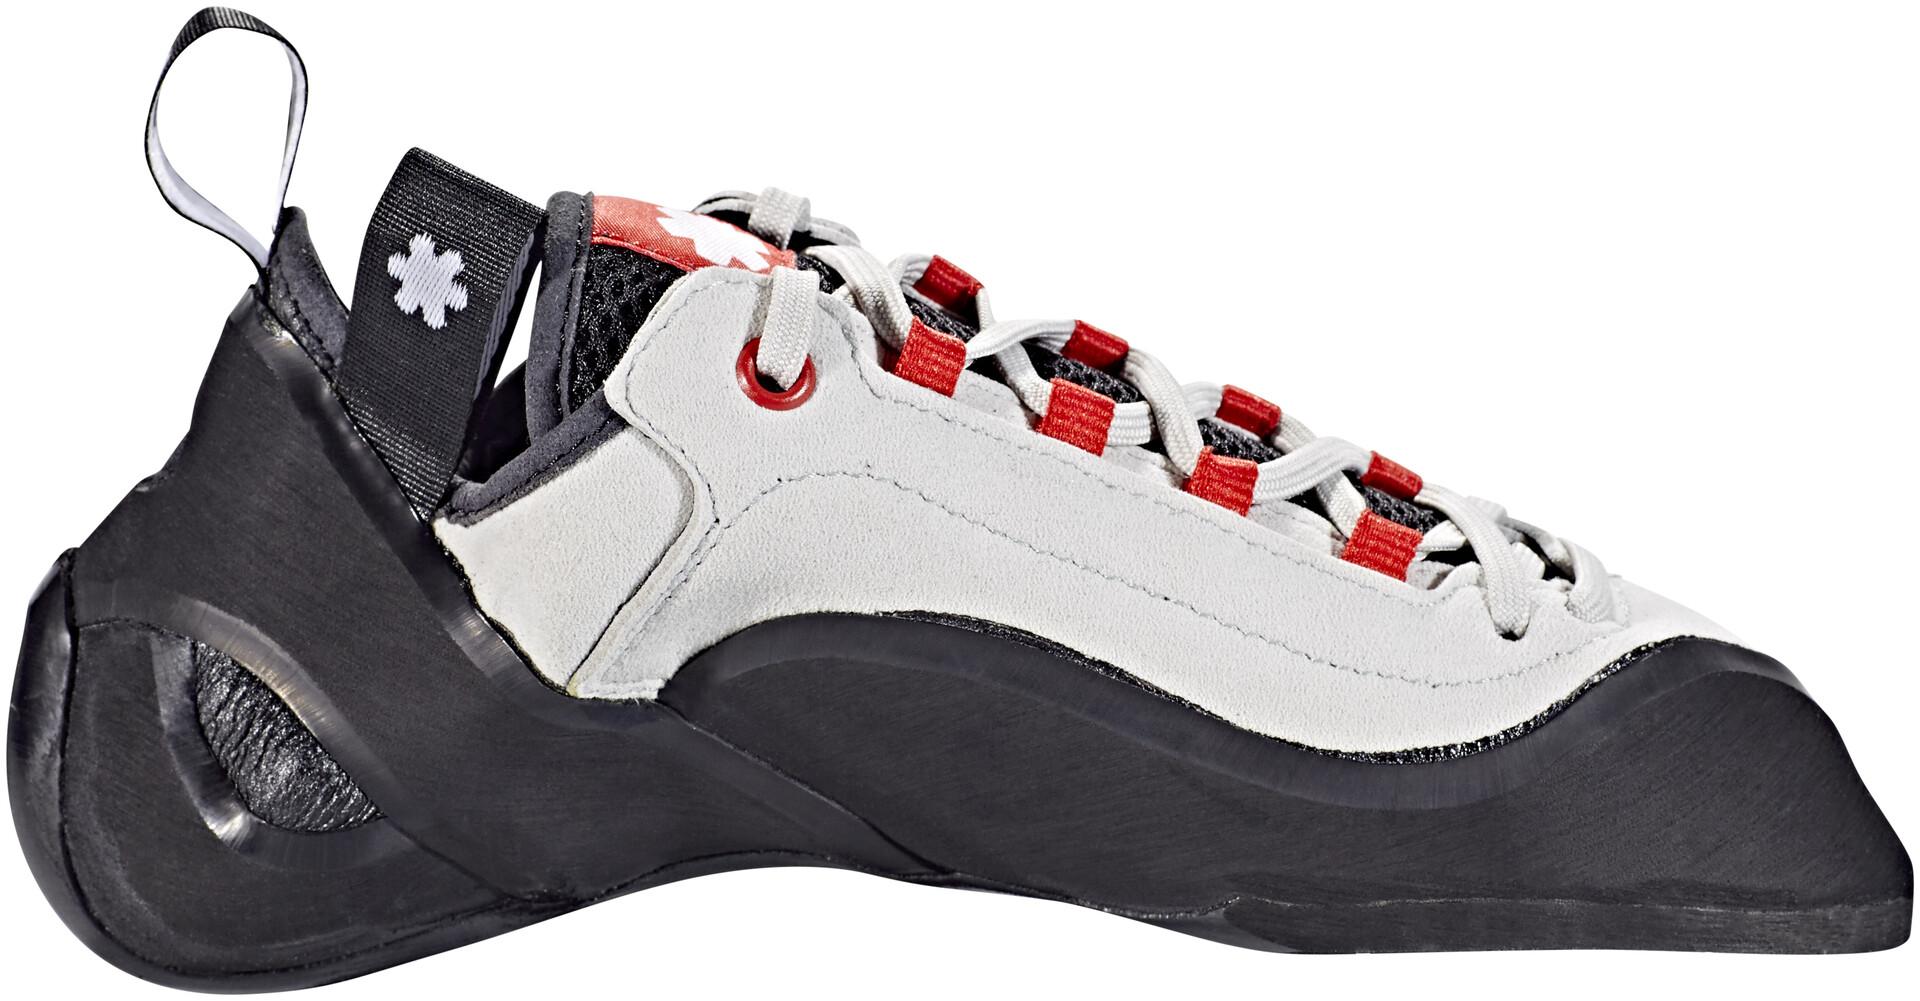 Ocun Klettergurt Test : Ocun pearl lu climbing shoes unisex campz